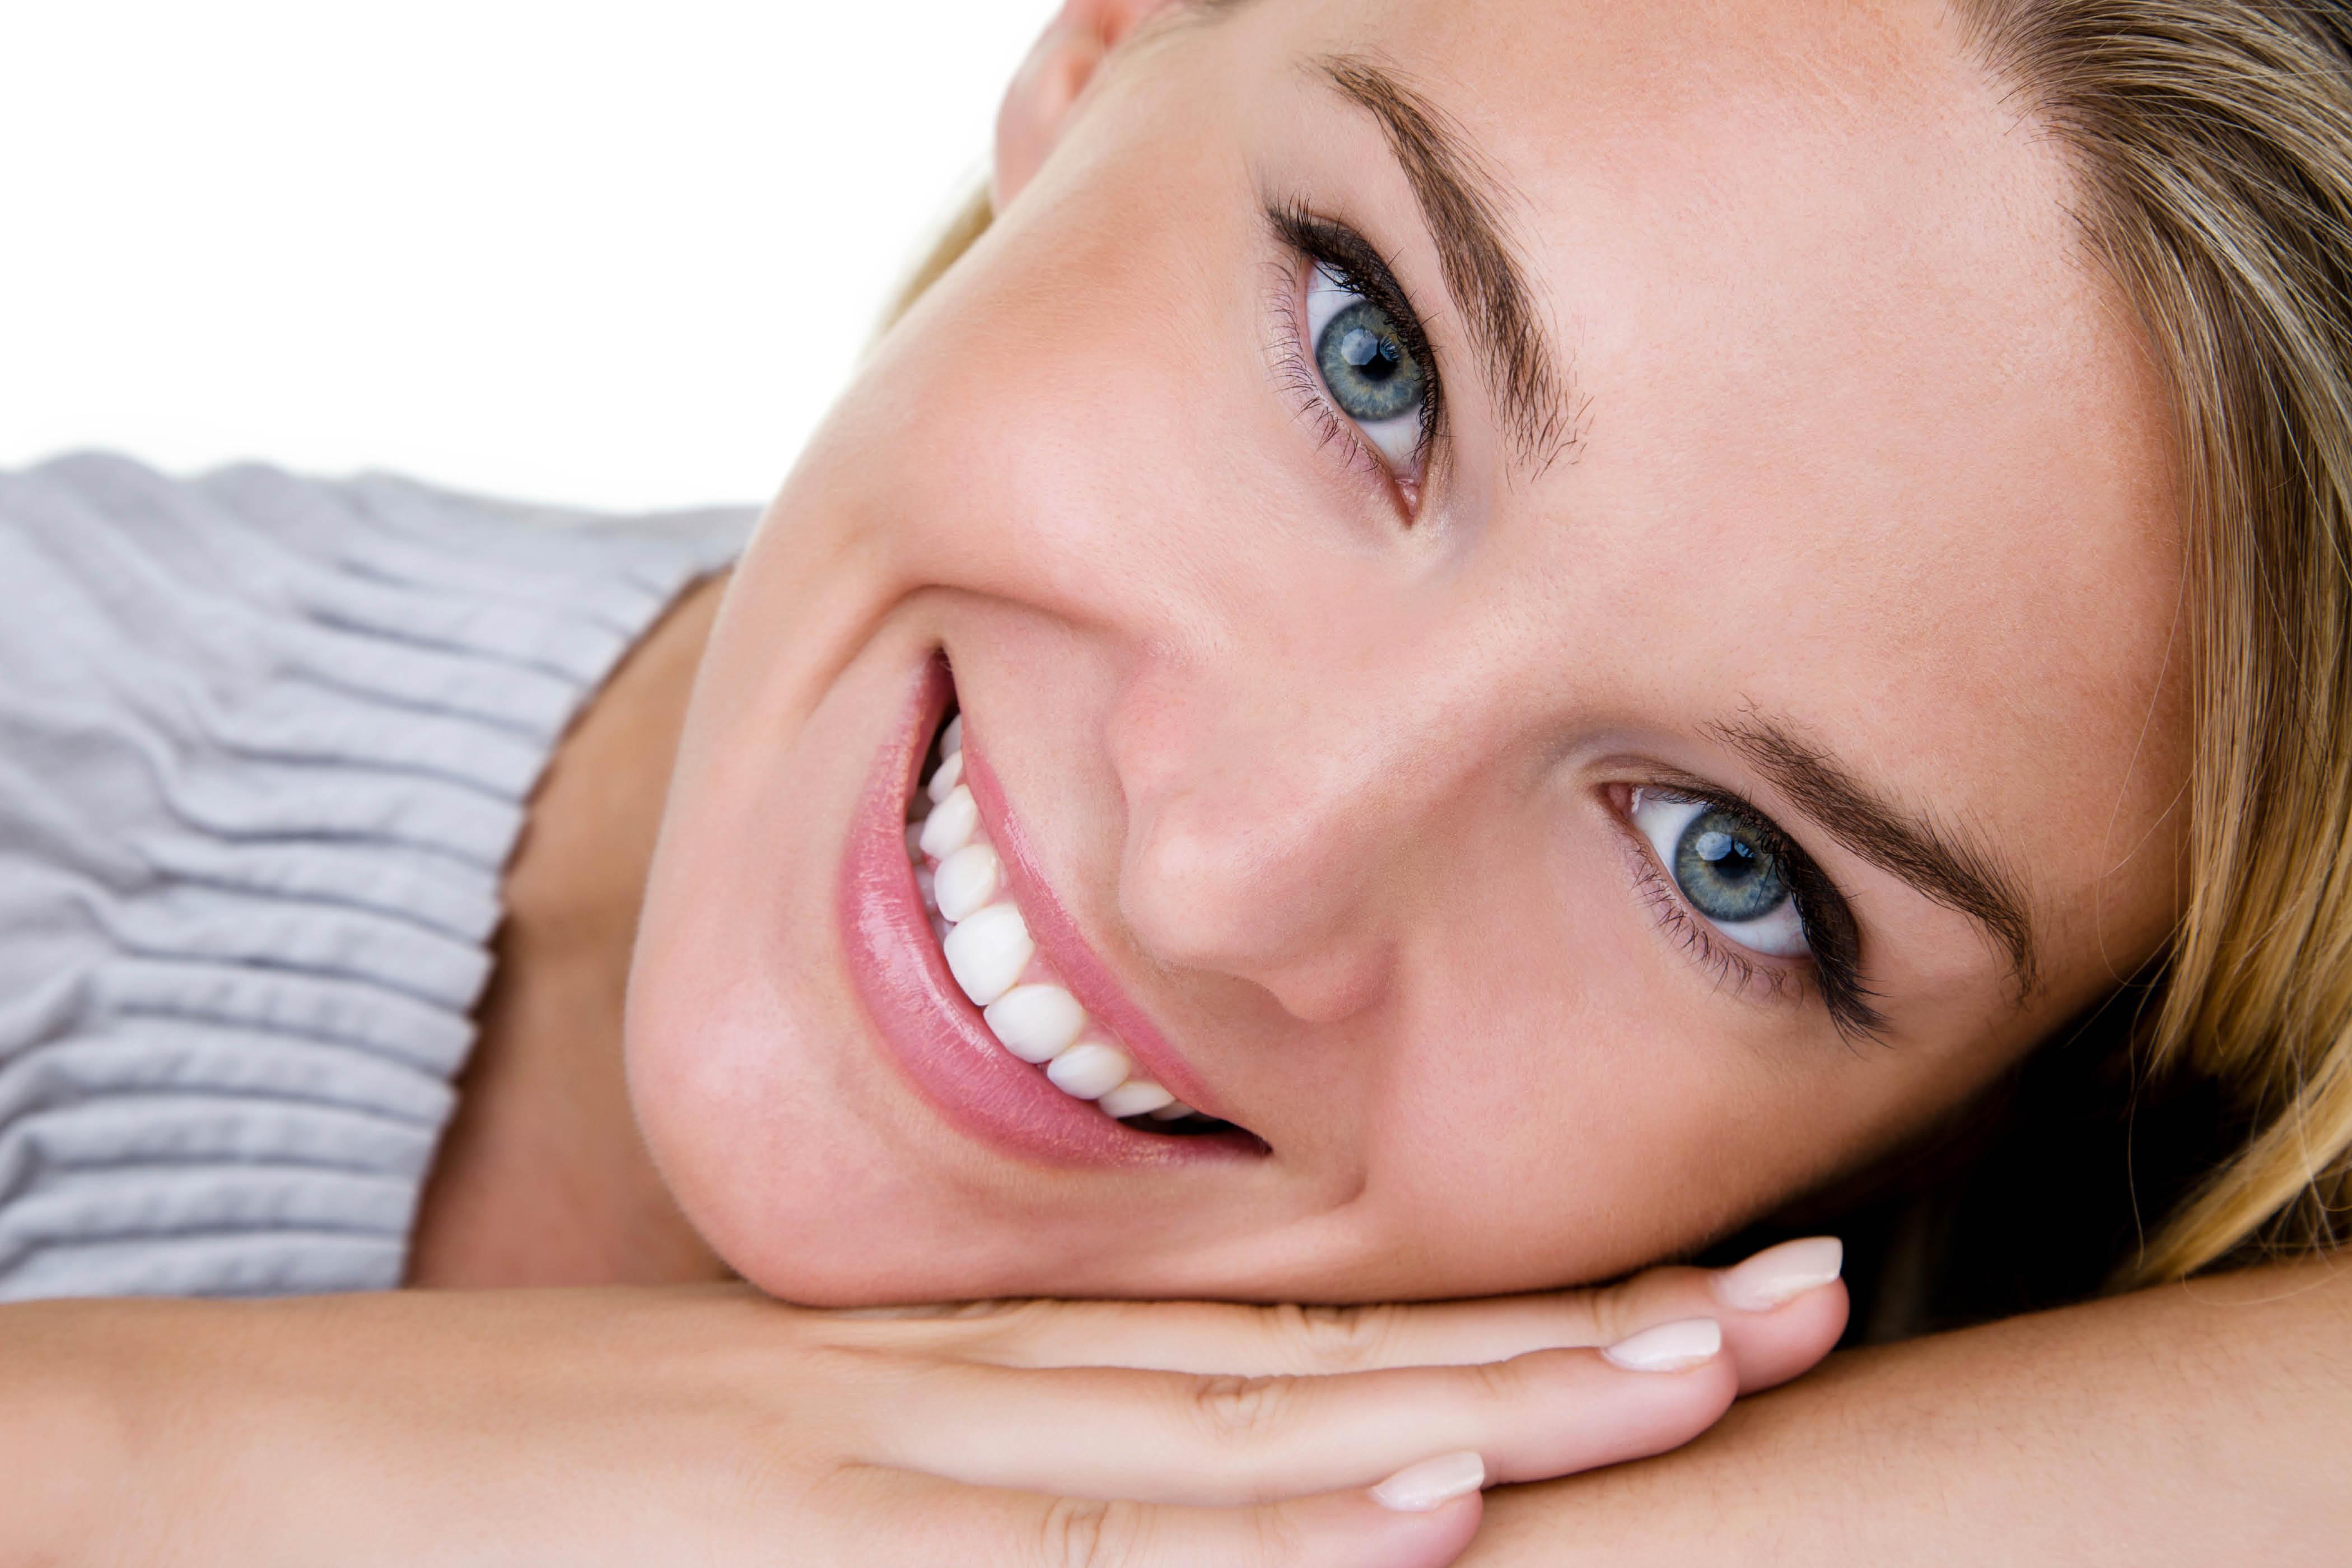 Đôi môi với màu sắc tươi tắn giúp gương mặt thêm rạng rỡ